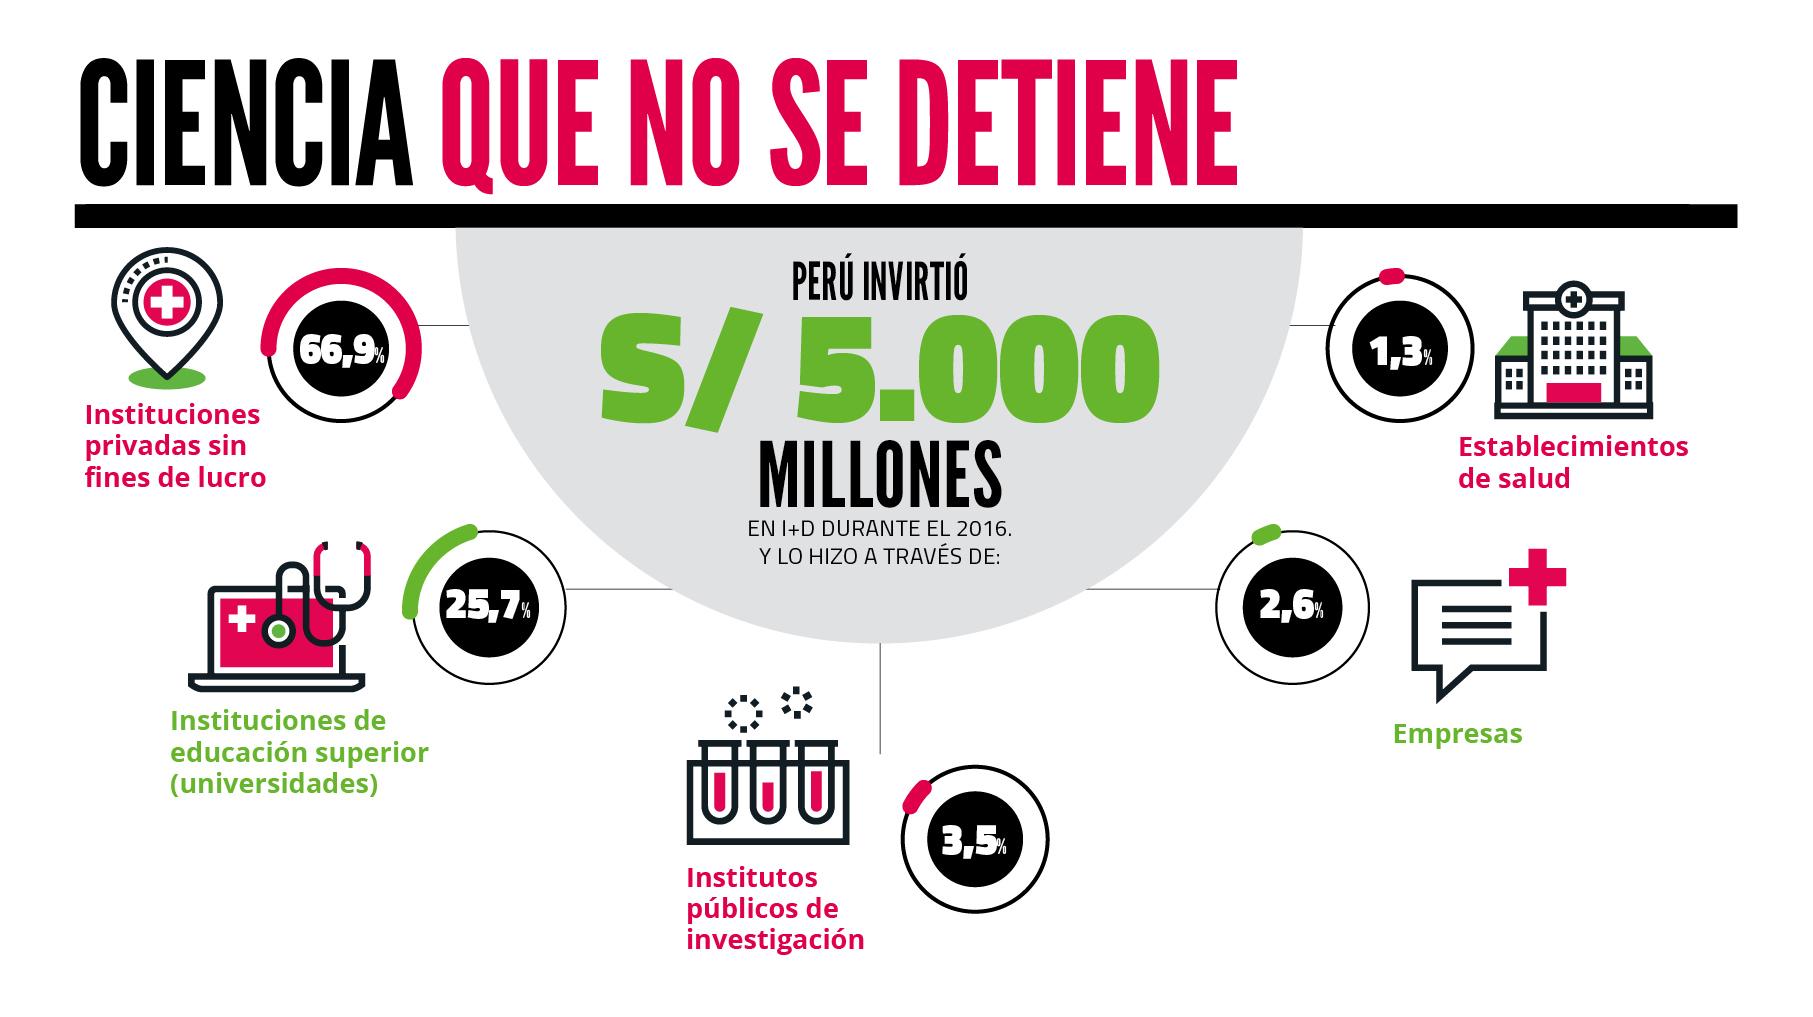 ¿En qué áreas se invierte más en el Perú?